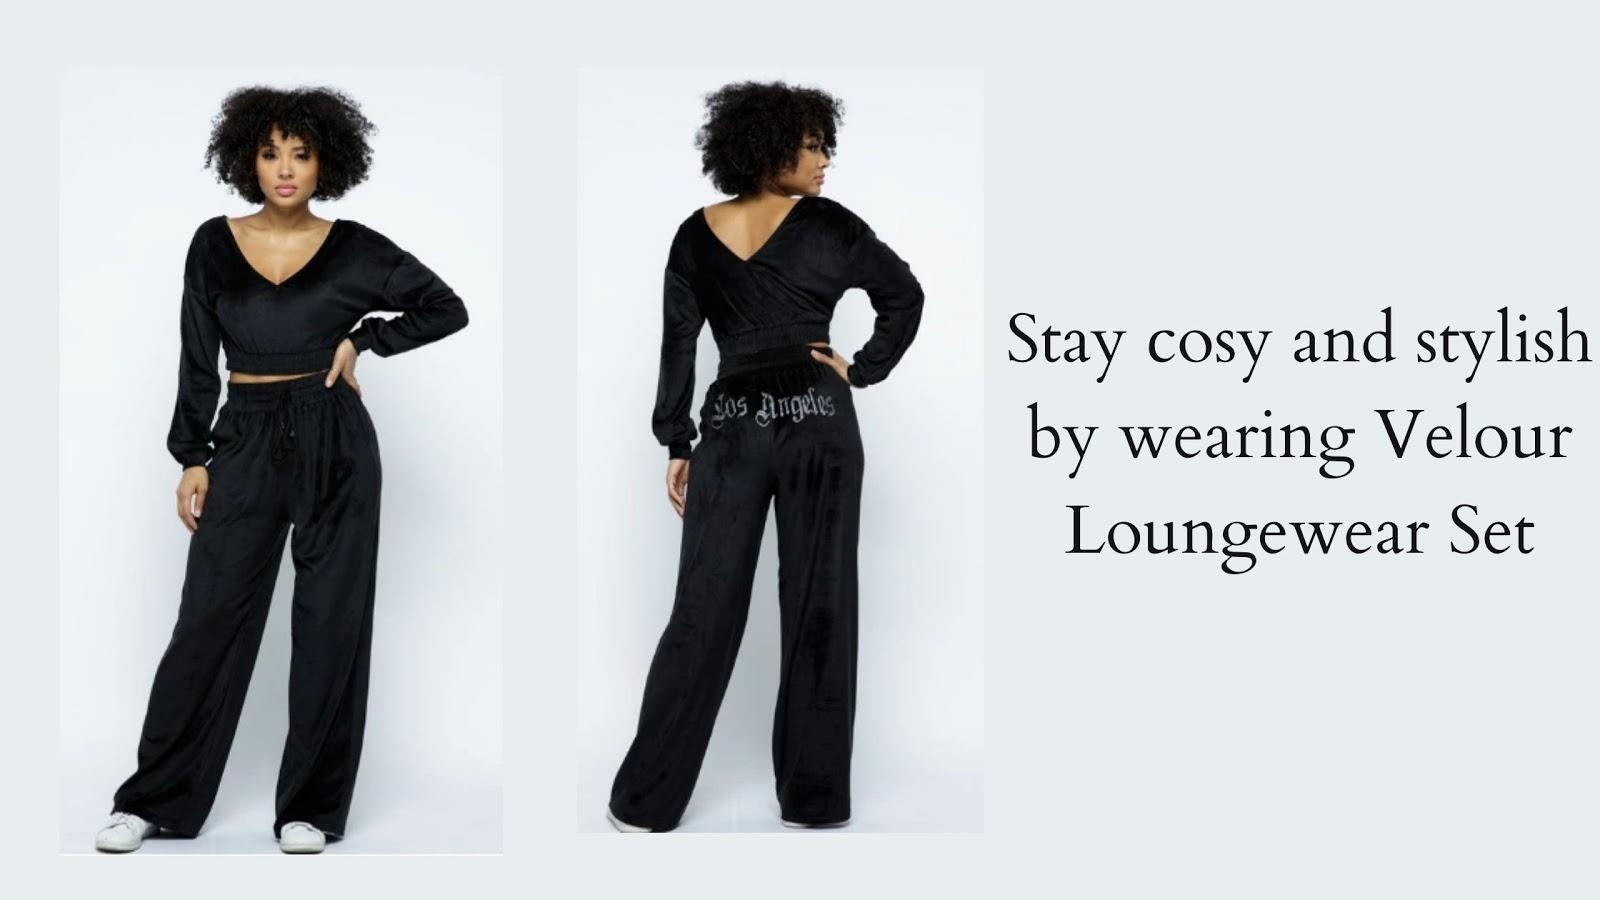 wearing Velour Loungewear Set